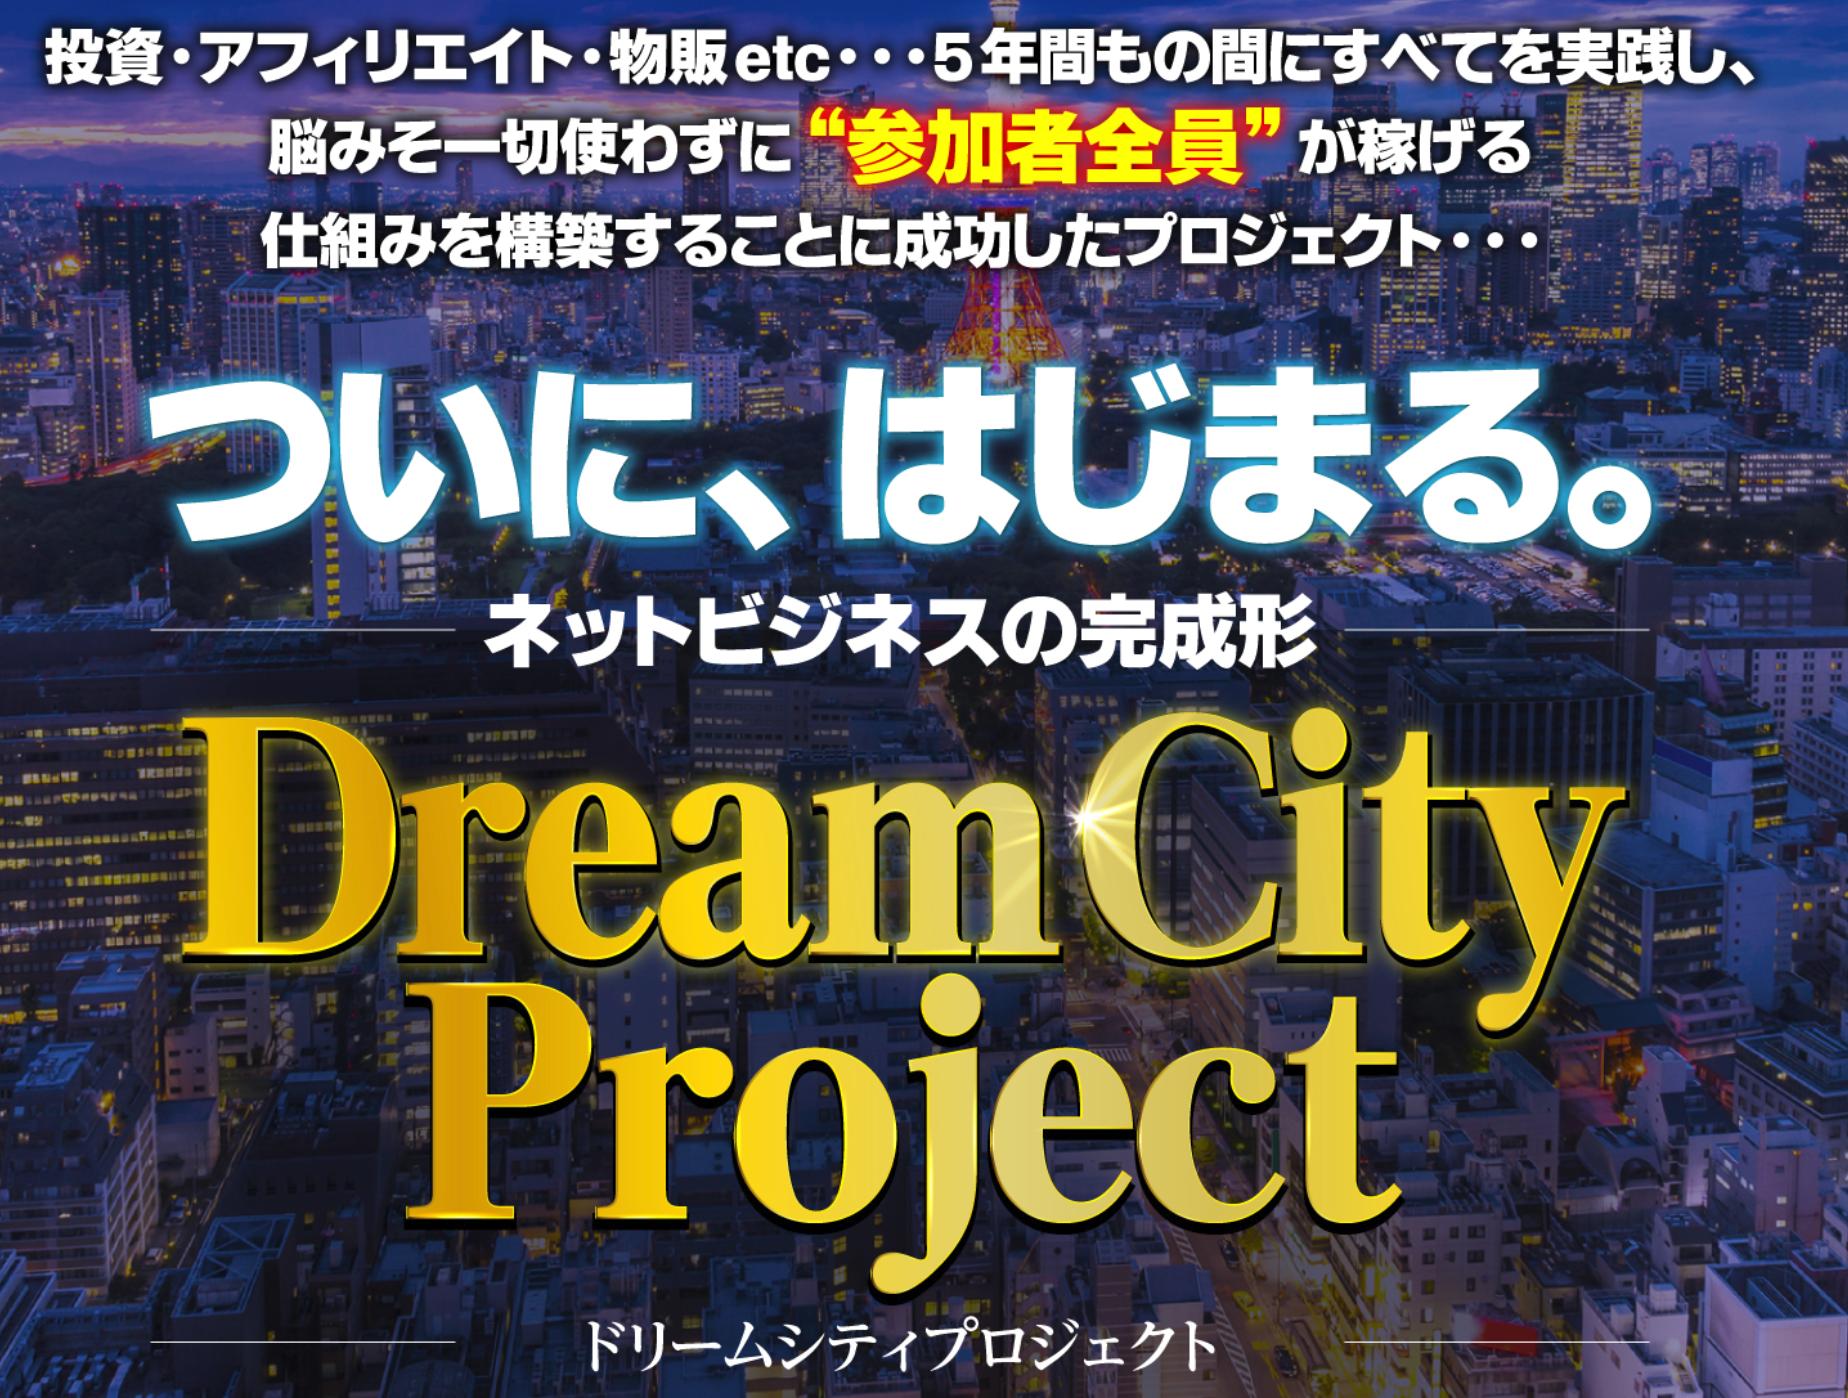 伊藤かずや Dream City Project ドリームシティプロジェクトって一体なに?稼げるのか?  評判 口コミ 詐欺 返金  ネットビジネス裁判官が独自の視点で検証していきます。